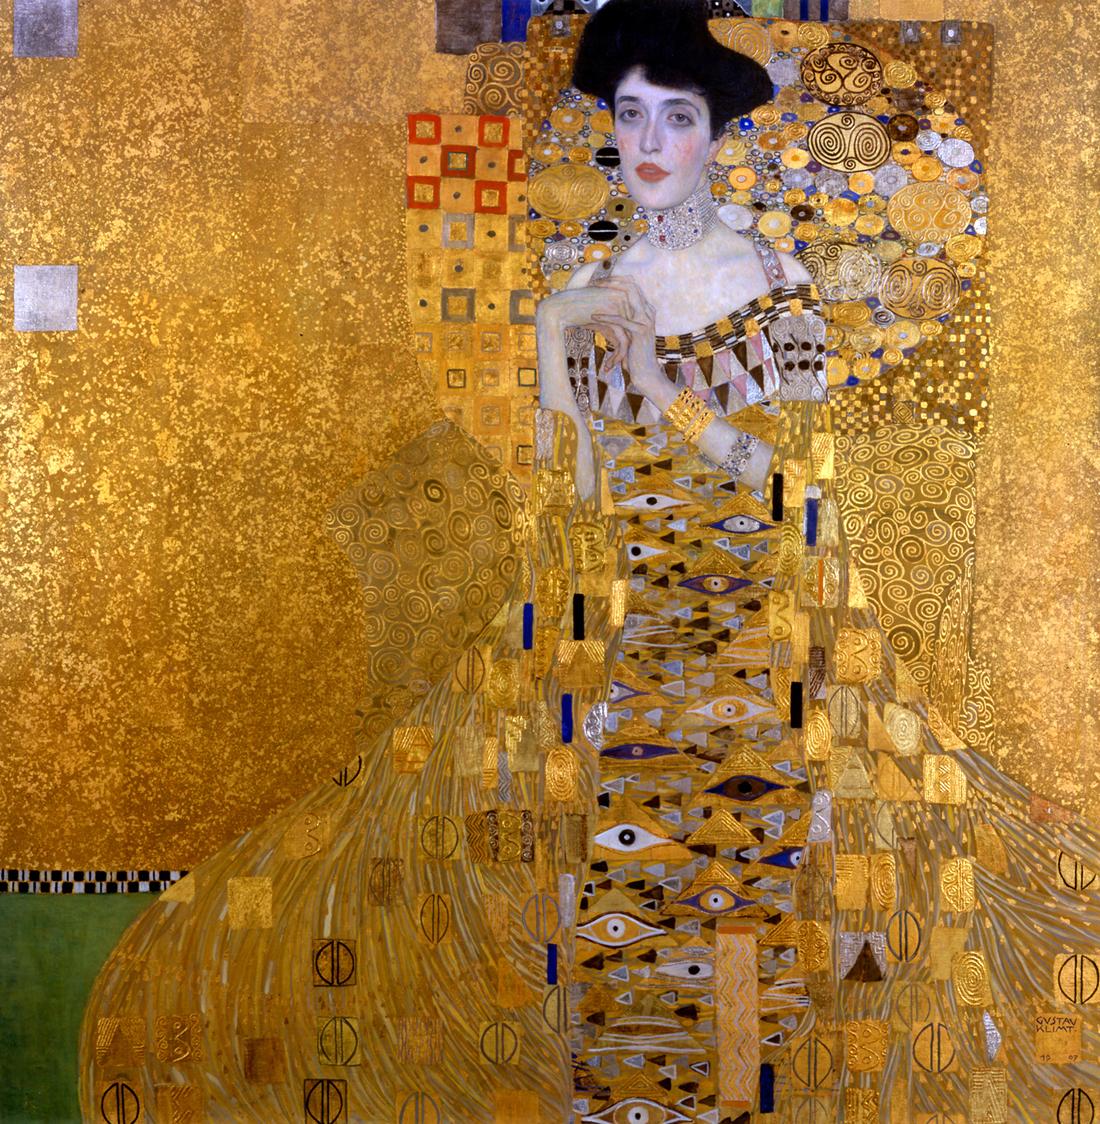 Mrs. Adele Bloch-Bauer, I, by Gustav Klimt, 1907. Neue Galerie, New York.